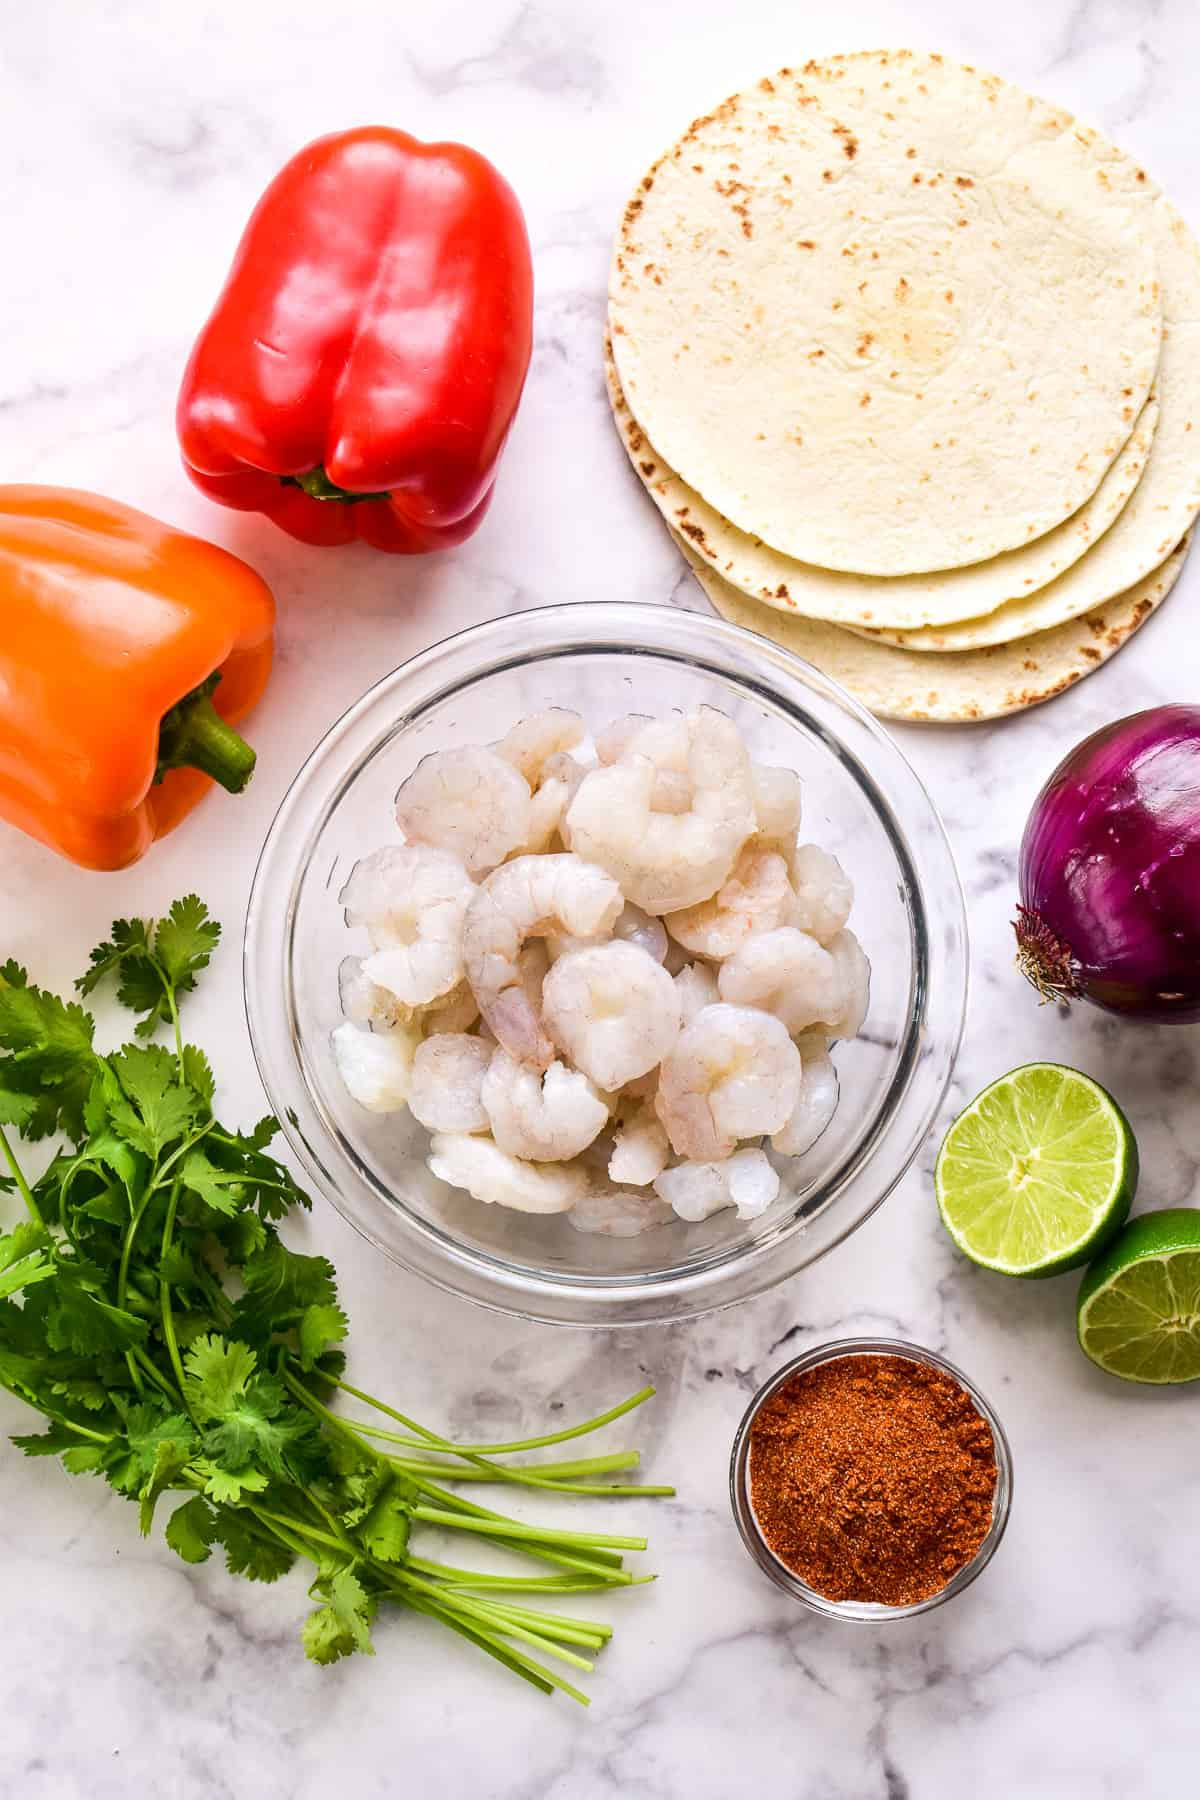 Shrimp Fajita ingredients